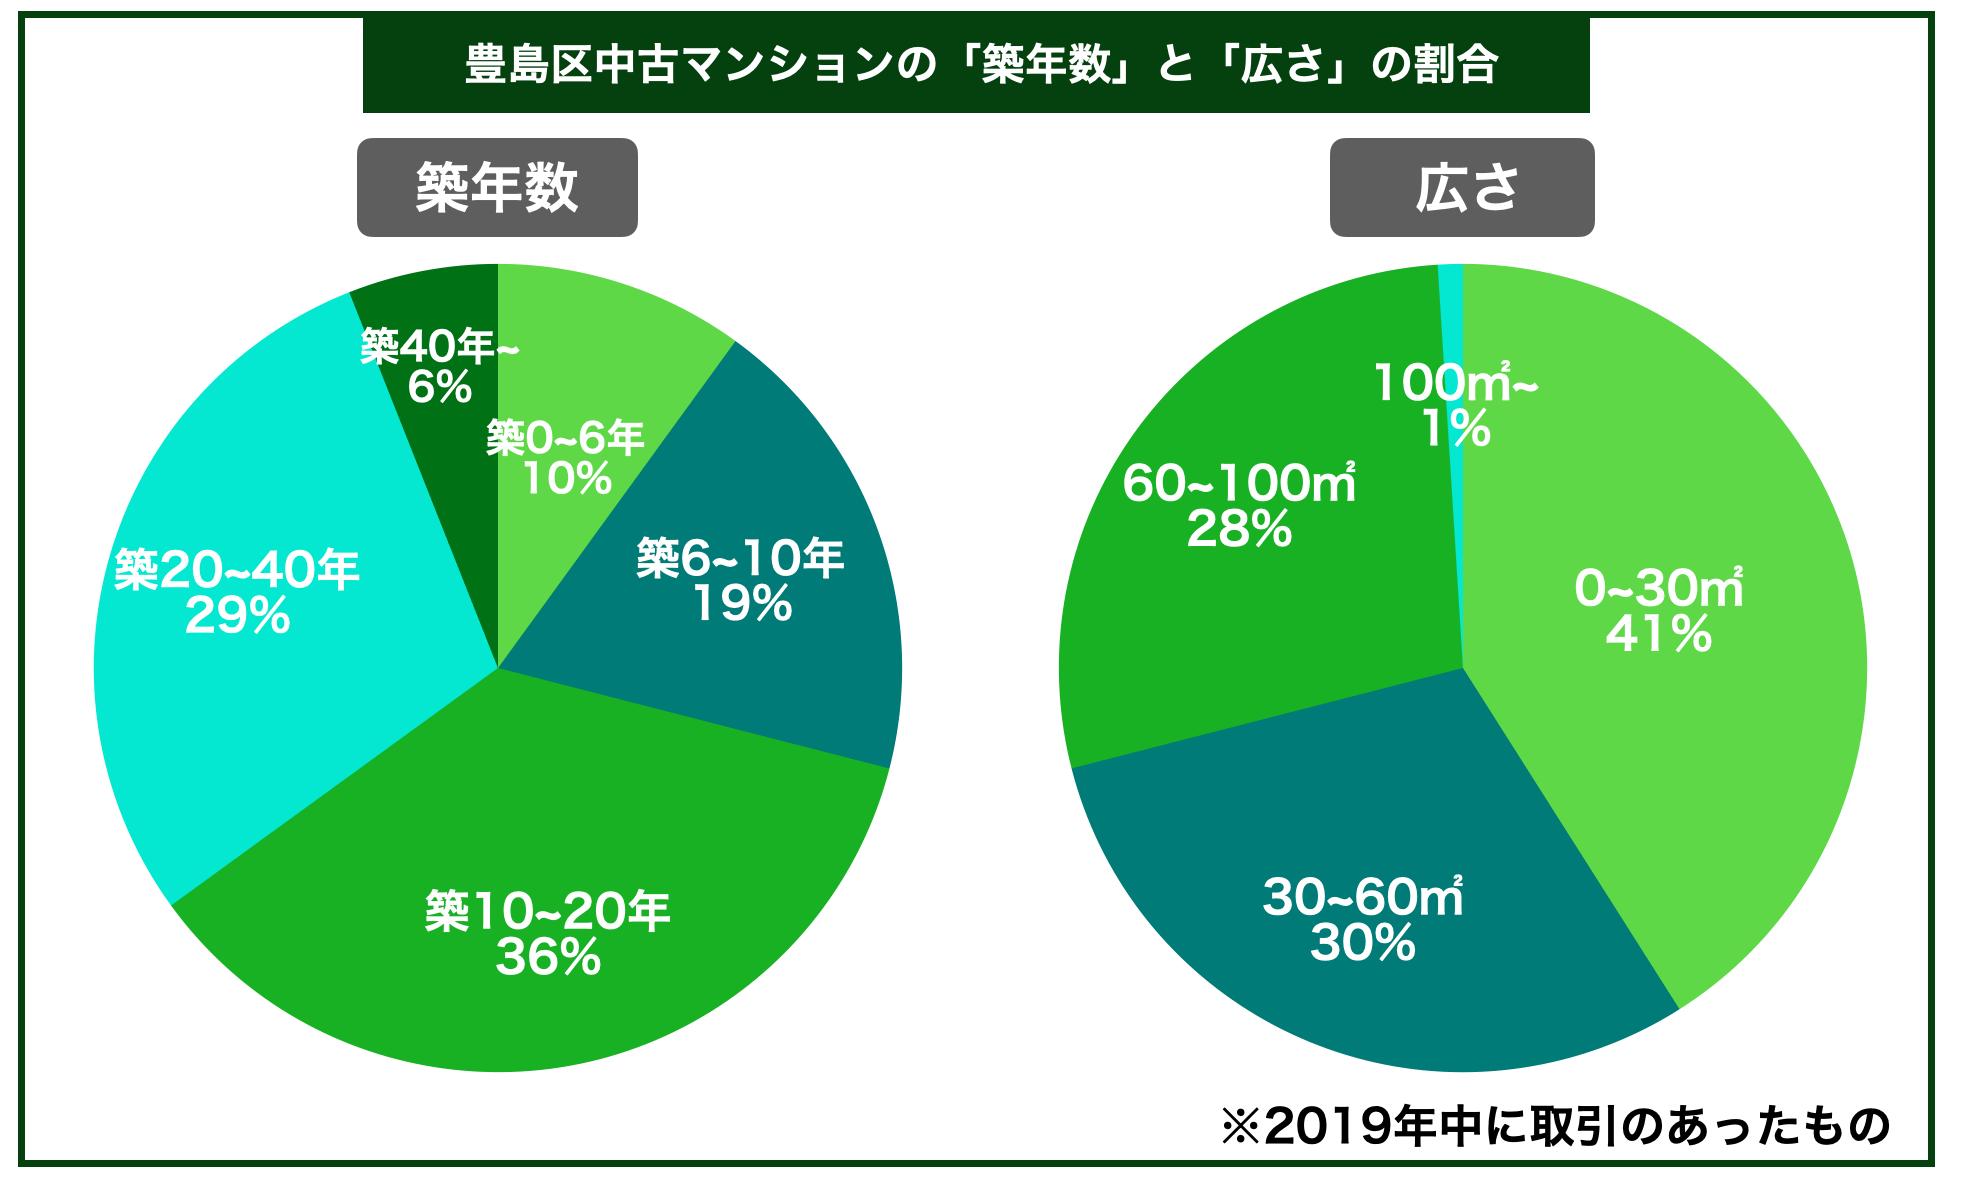 豊島区中古マンション築年数広さ割合